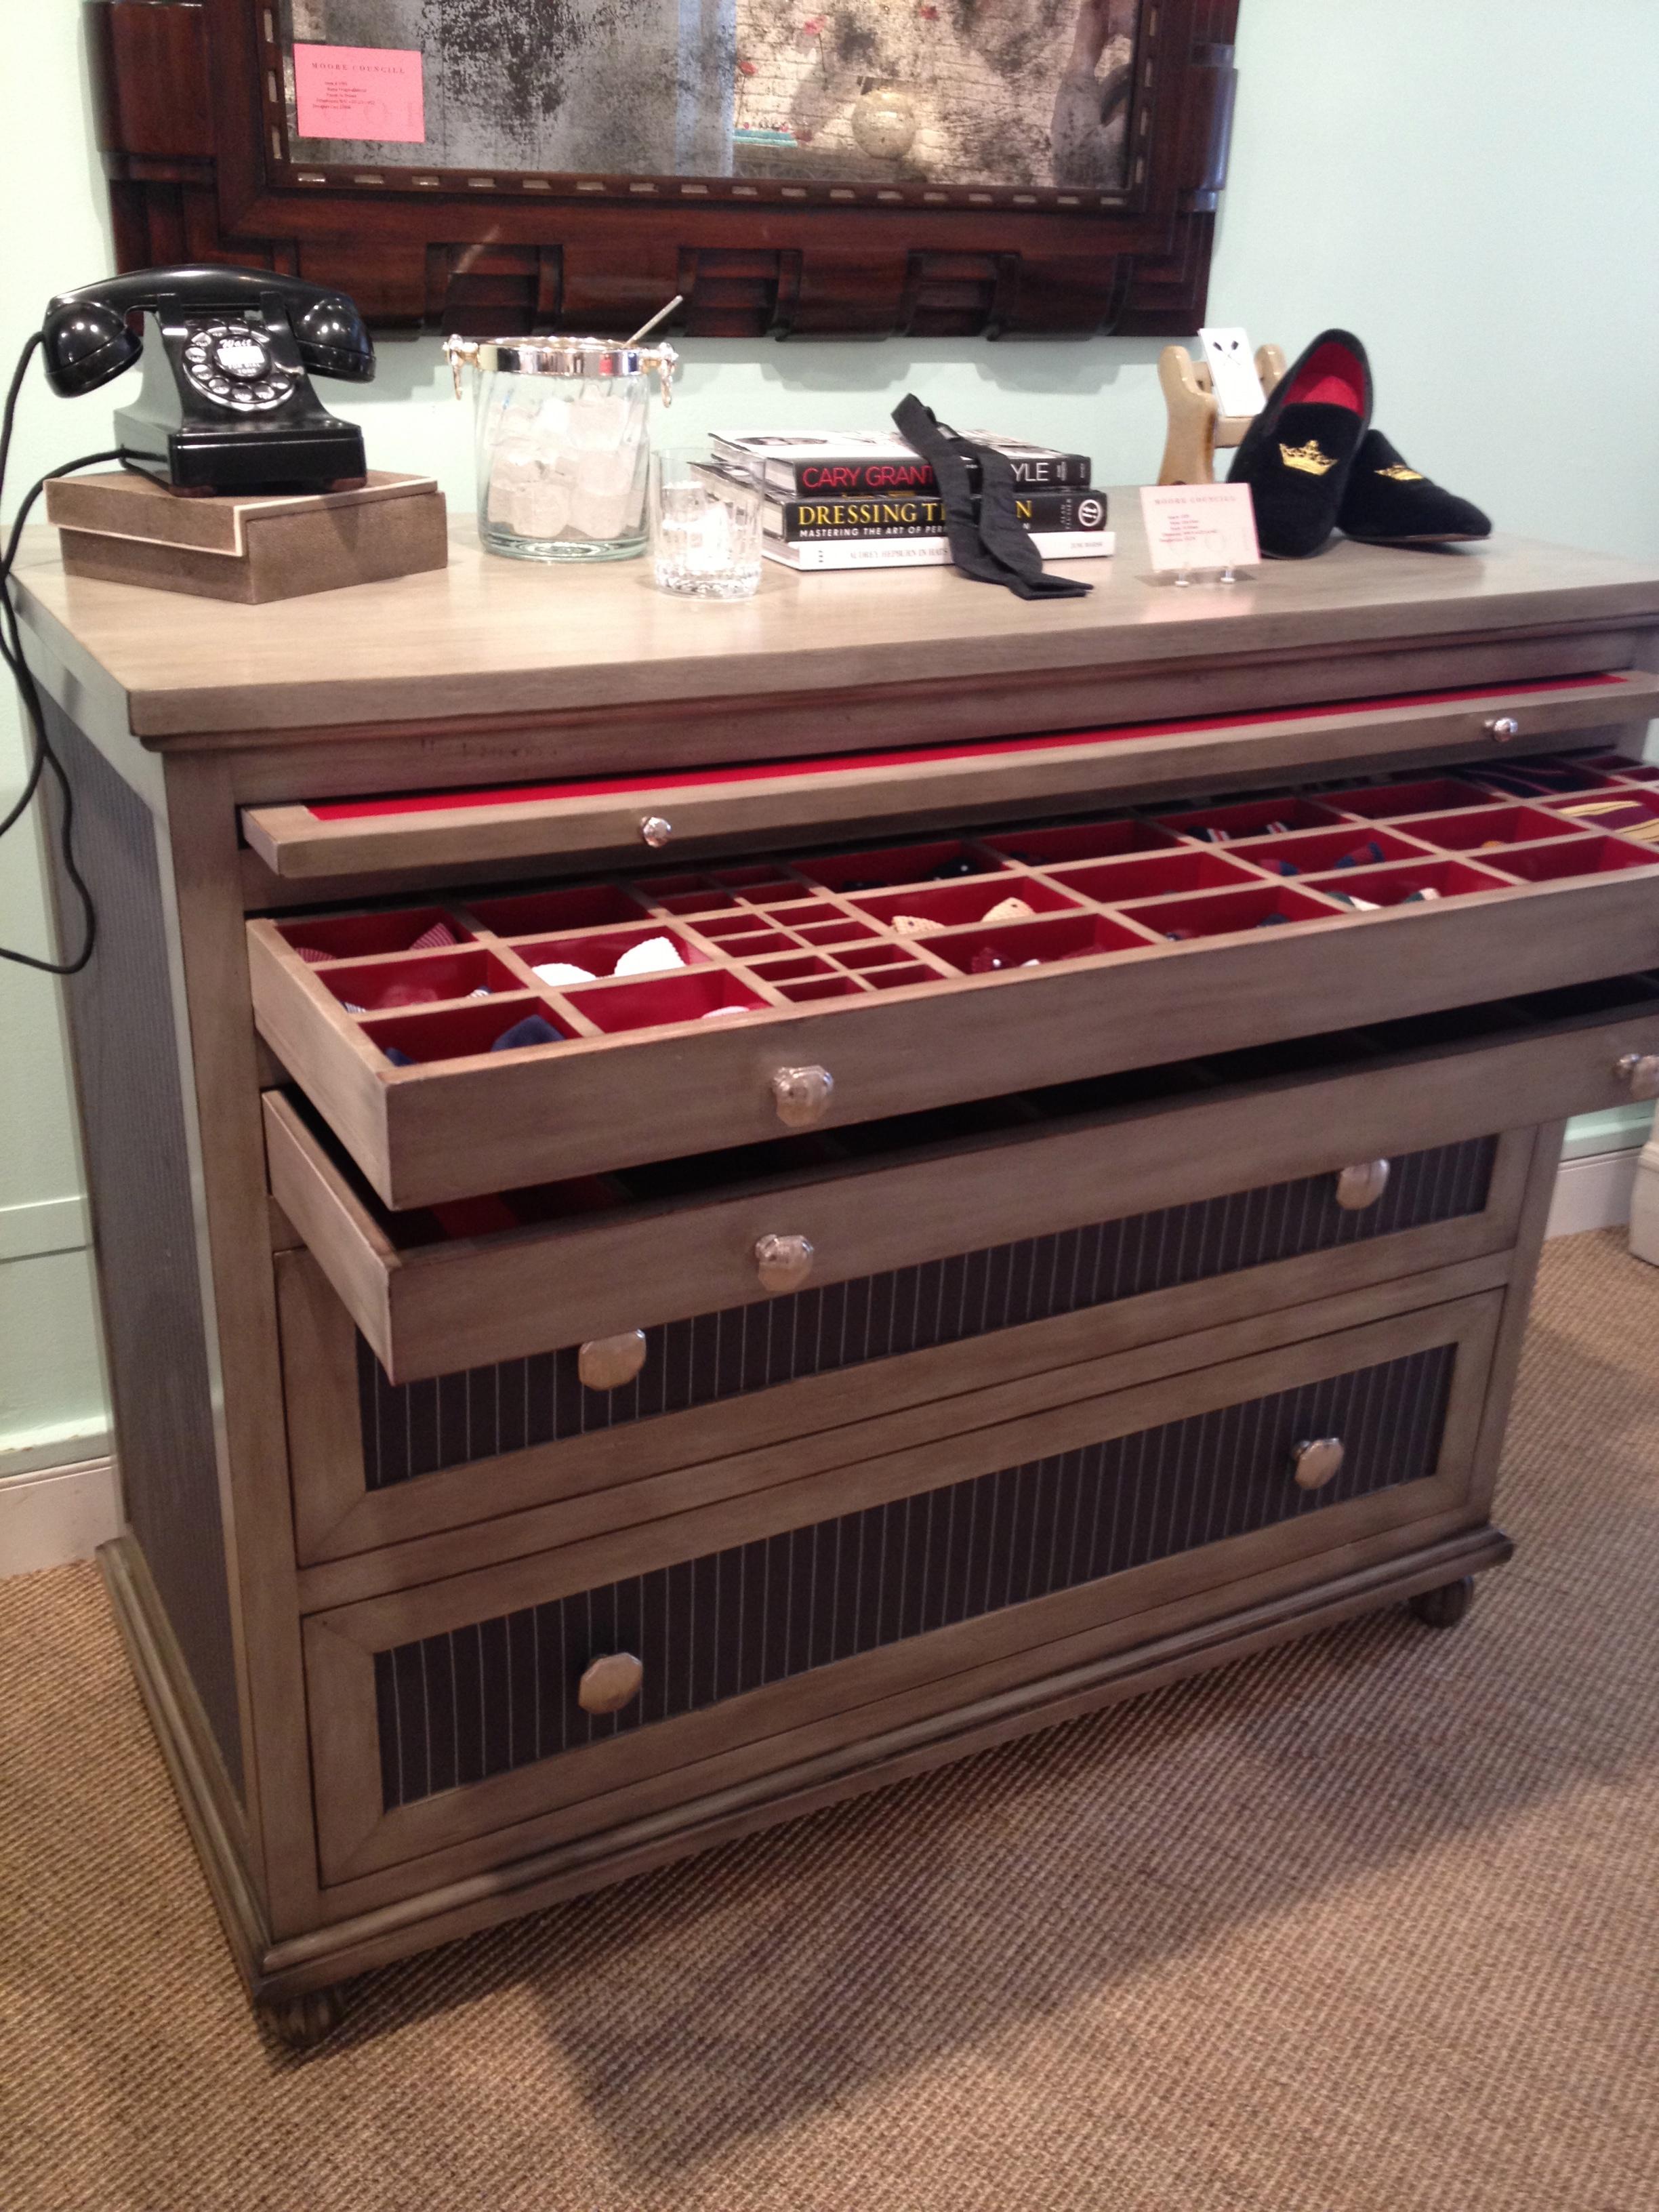 Moore Council's gentlemen's dresser with red liner.